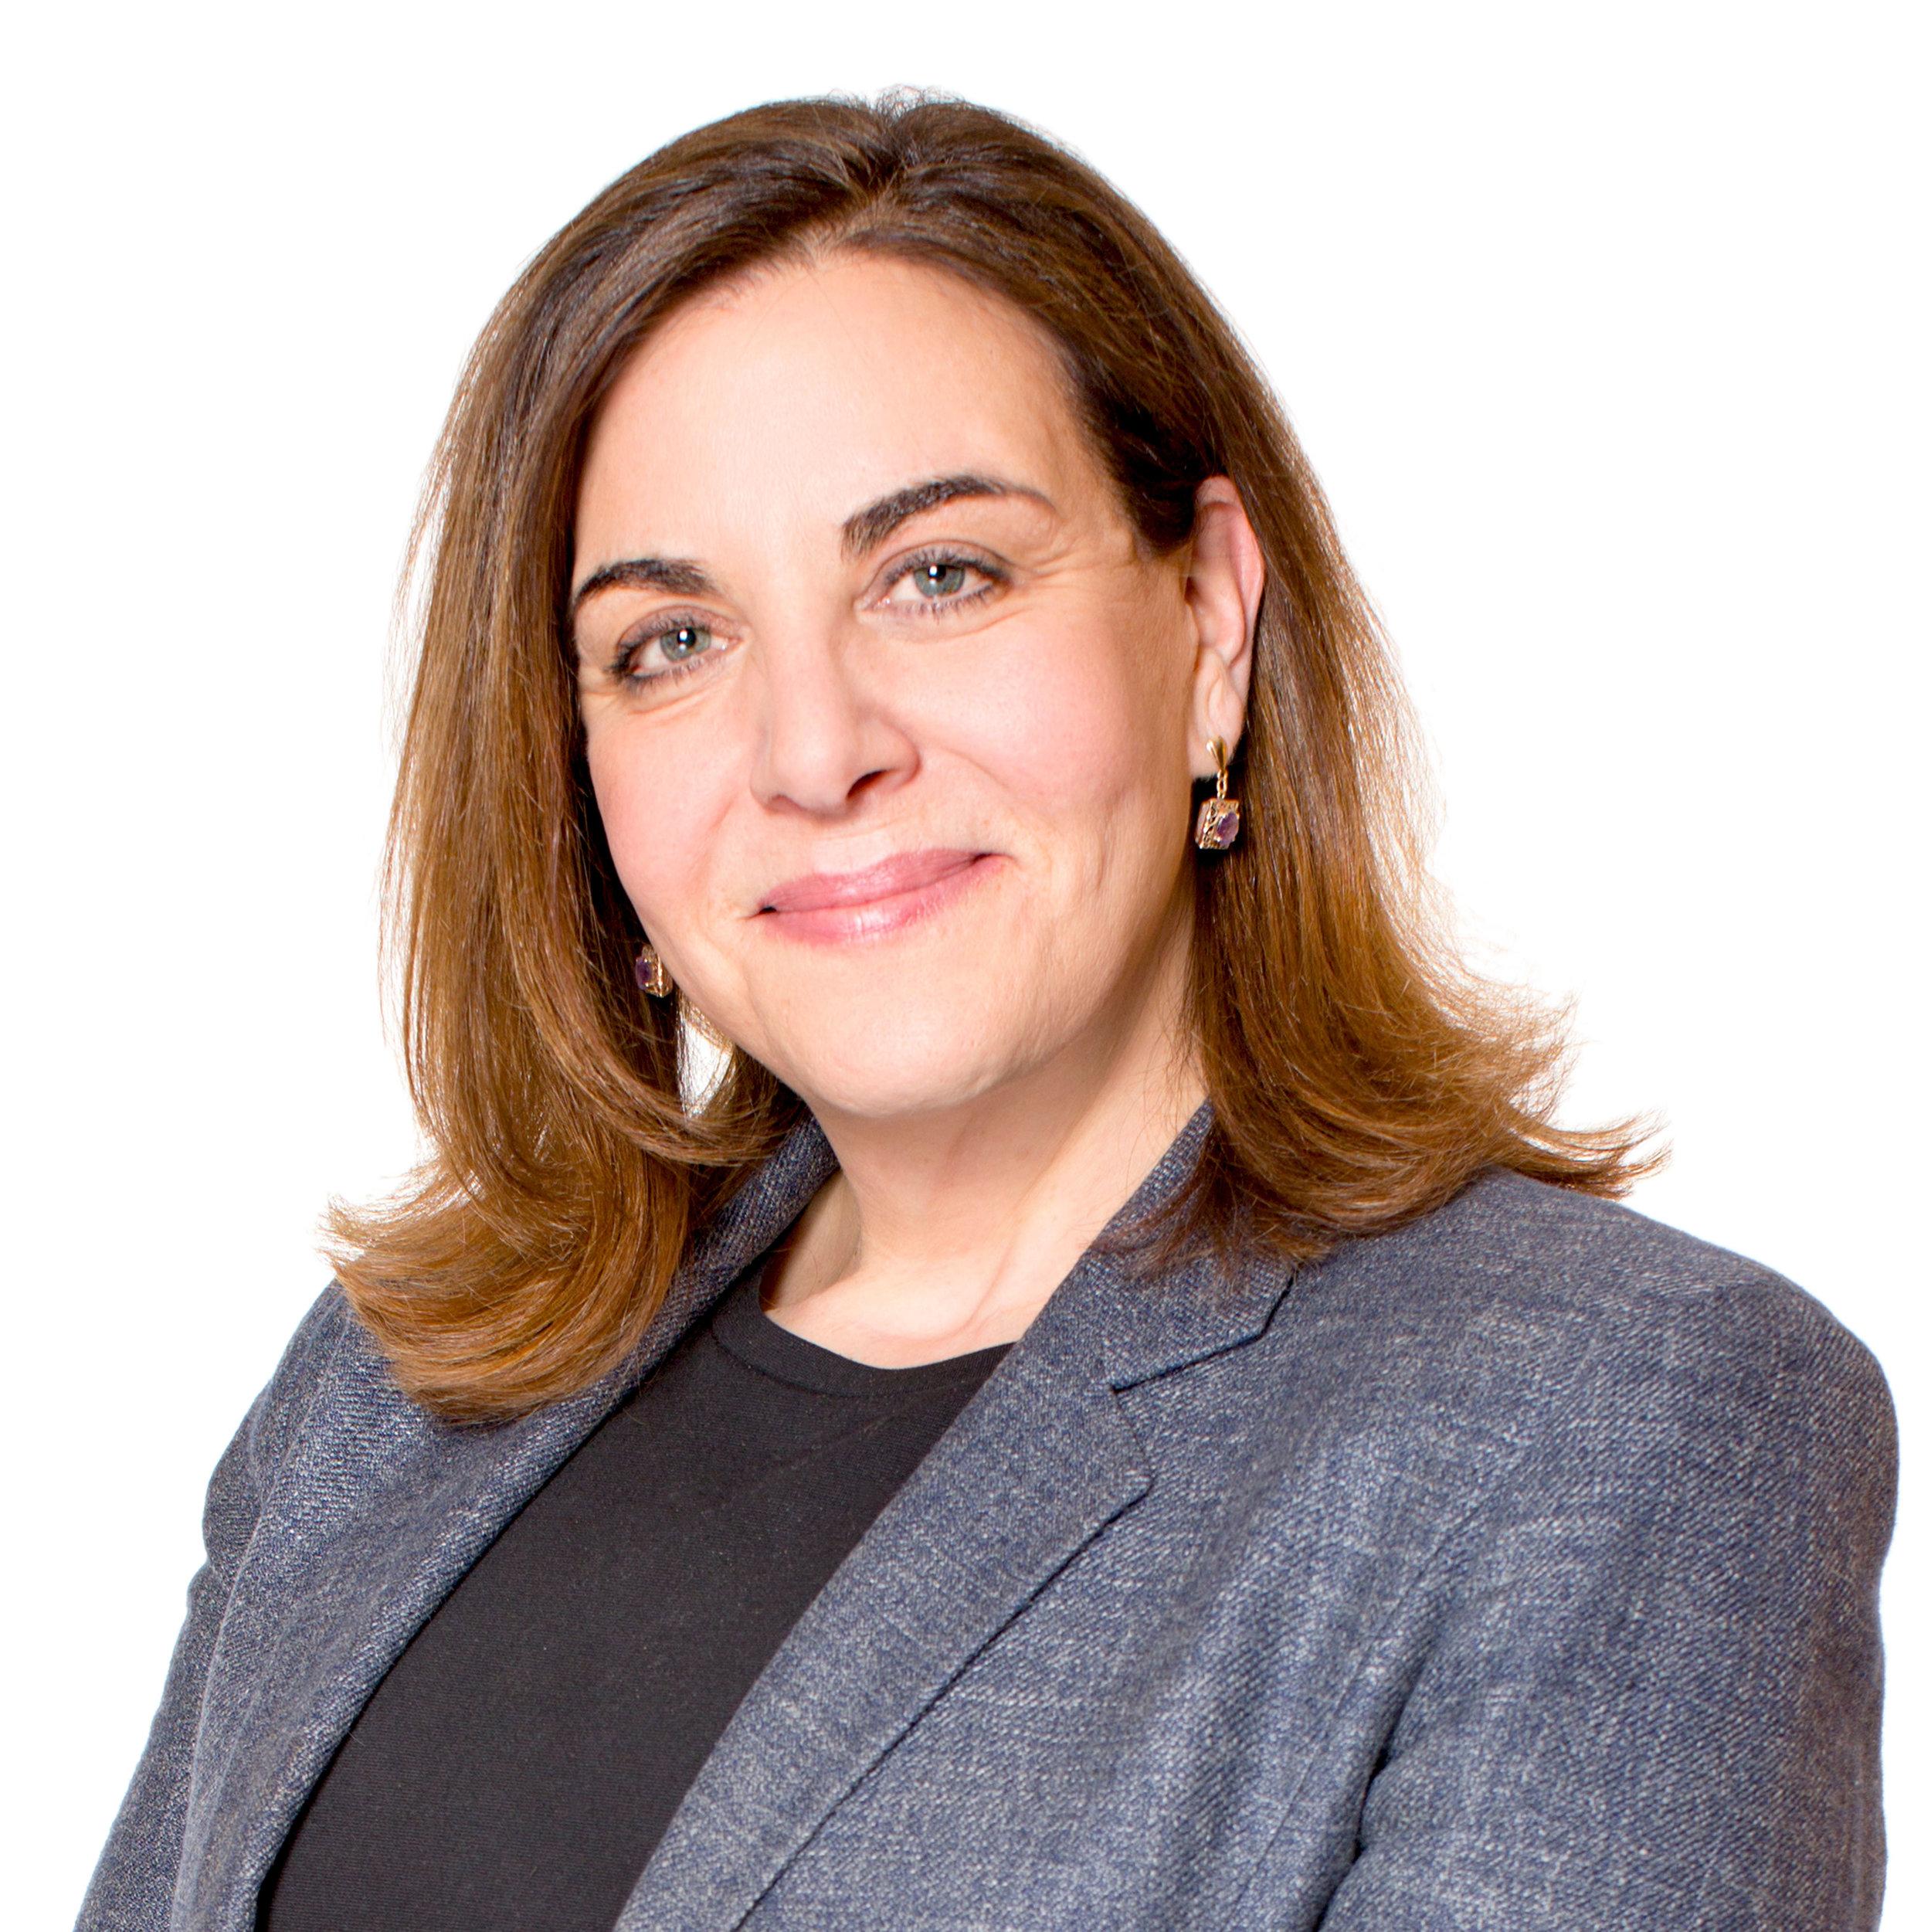 LYN FALCONIO - CHIEF MARKETING OFFICER